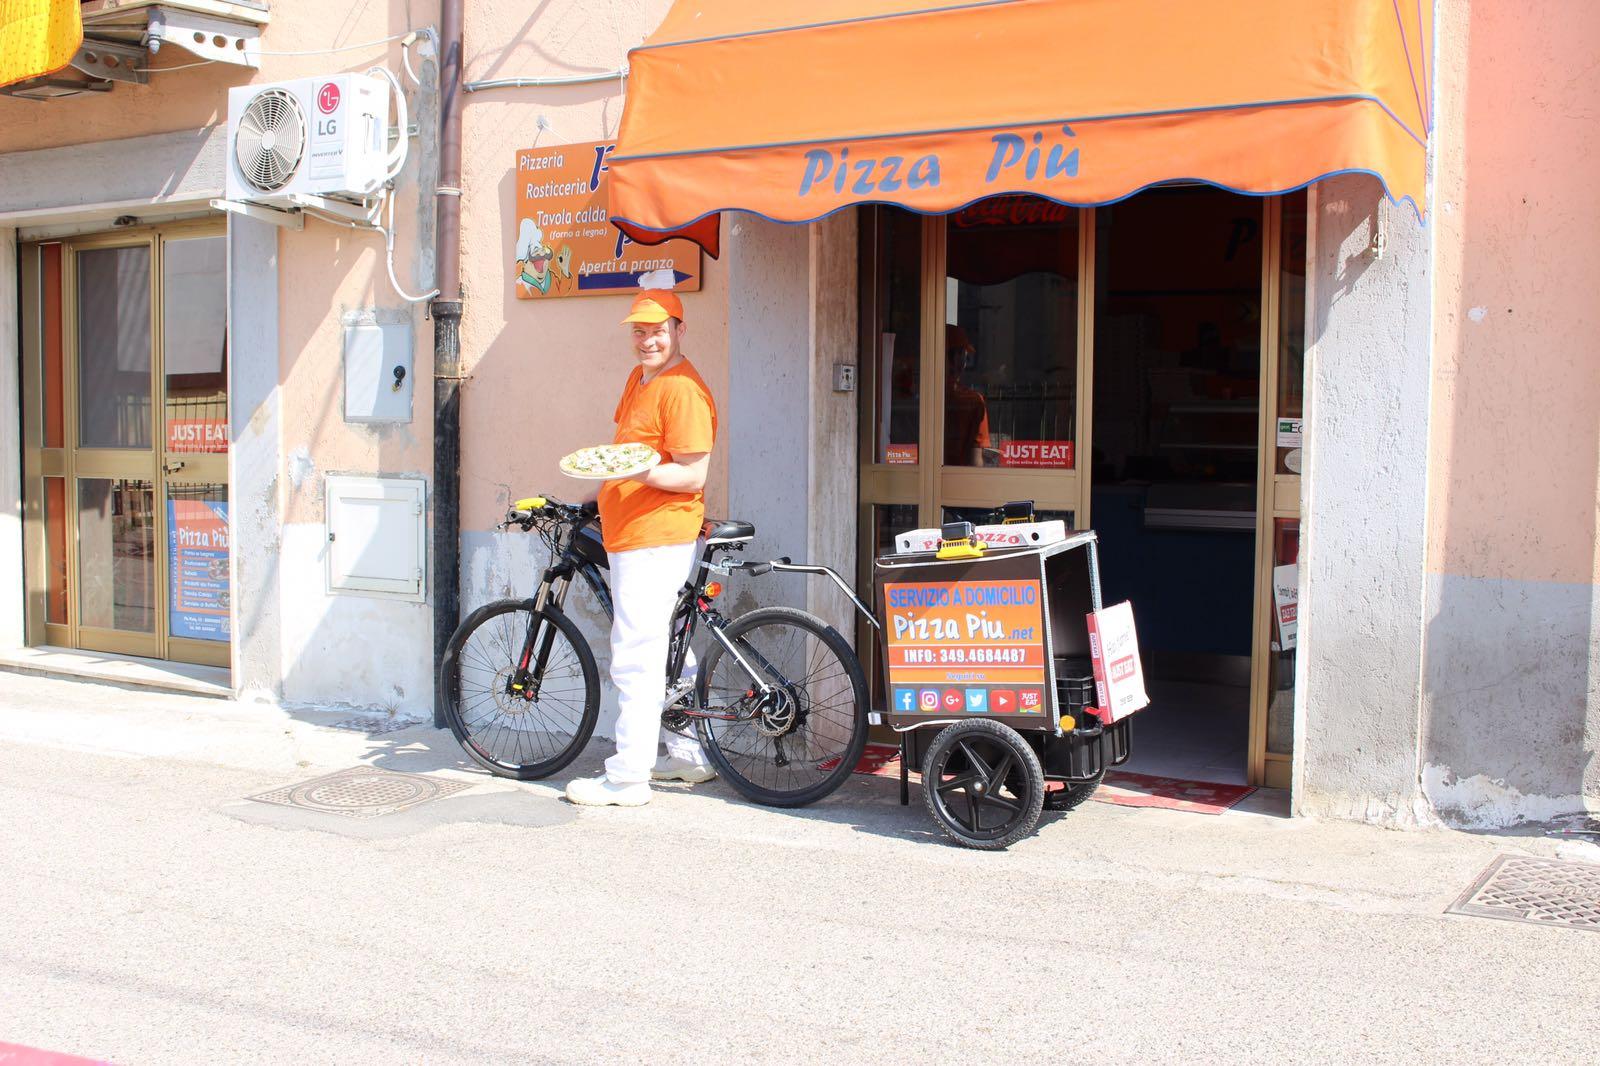 pizza domicilio Benevento bici elettrica